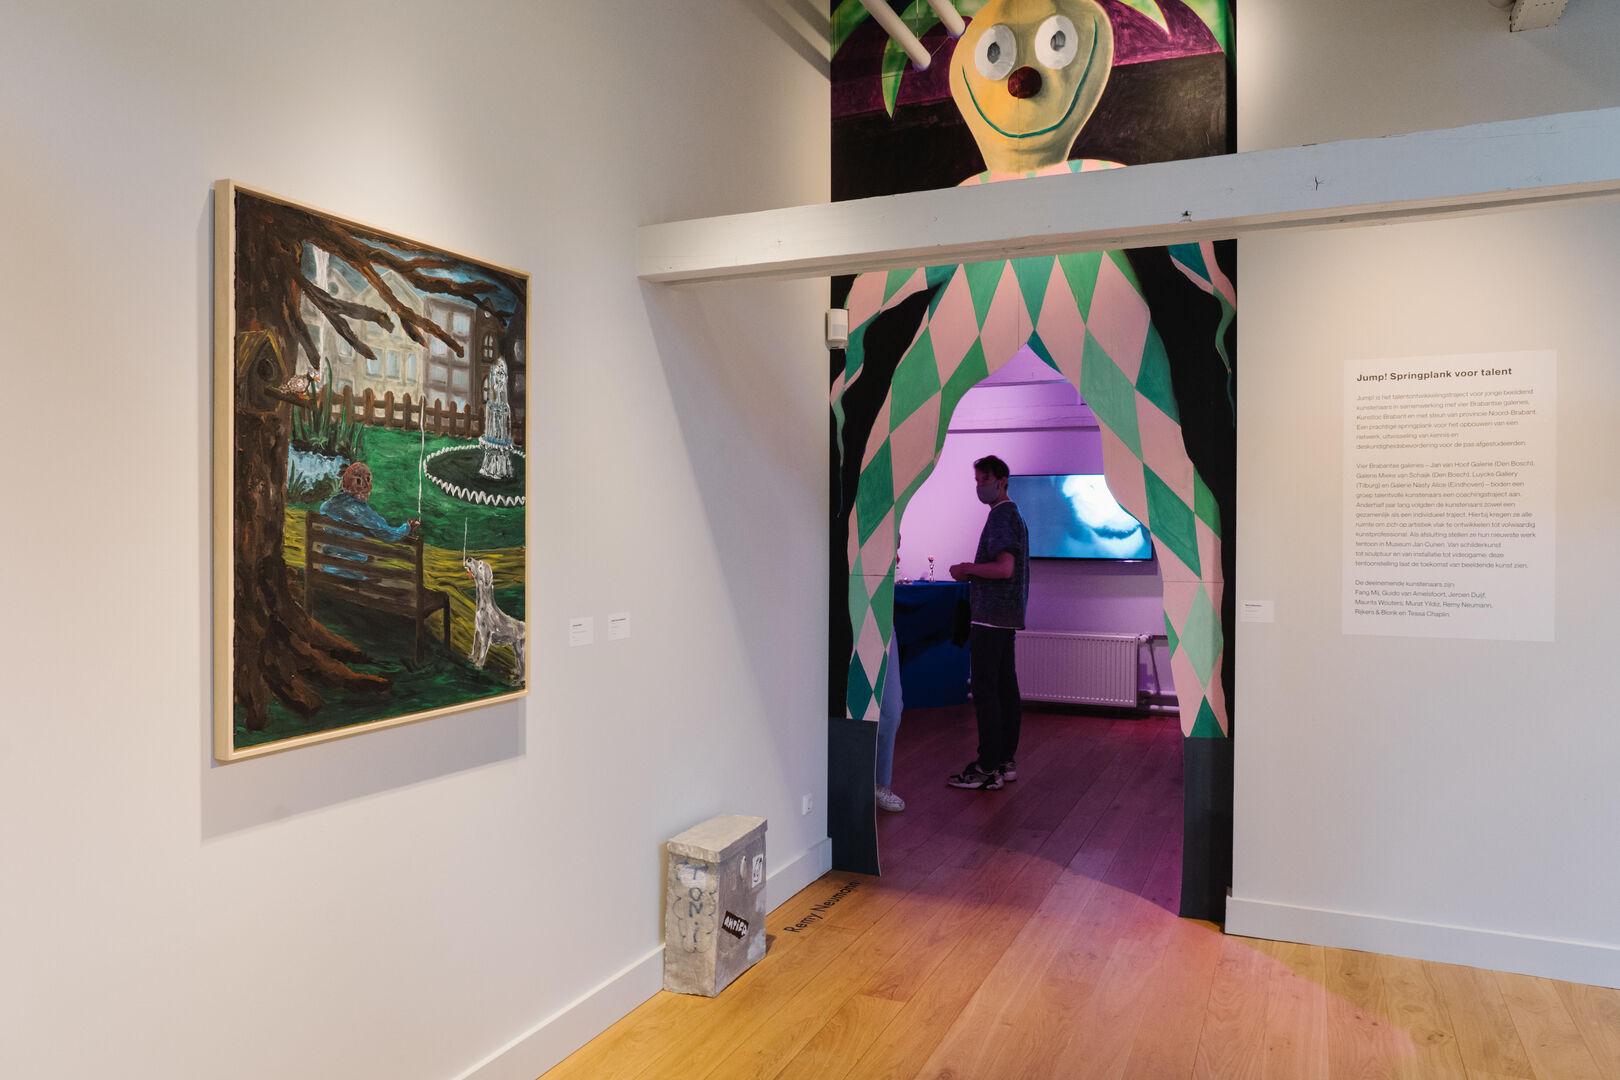 Museum Jan Cunen_opening_3oktober2020_Fotograaf_Almicheal_Fraay-40